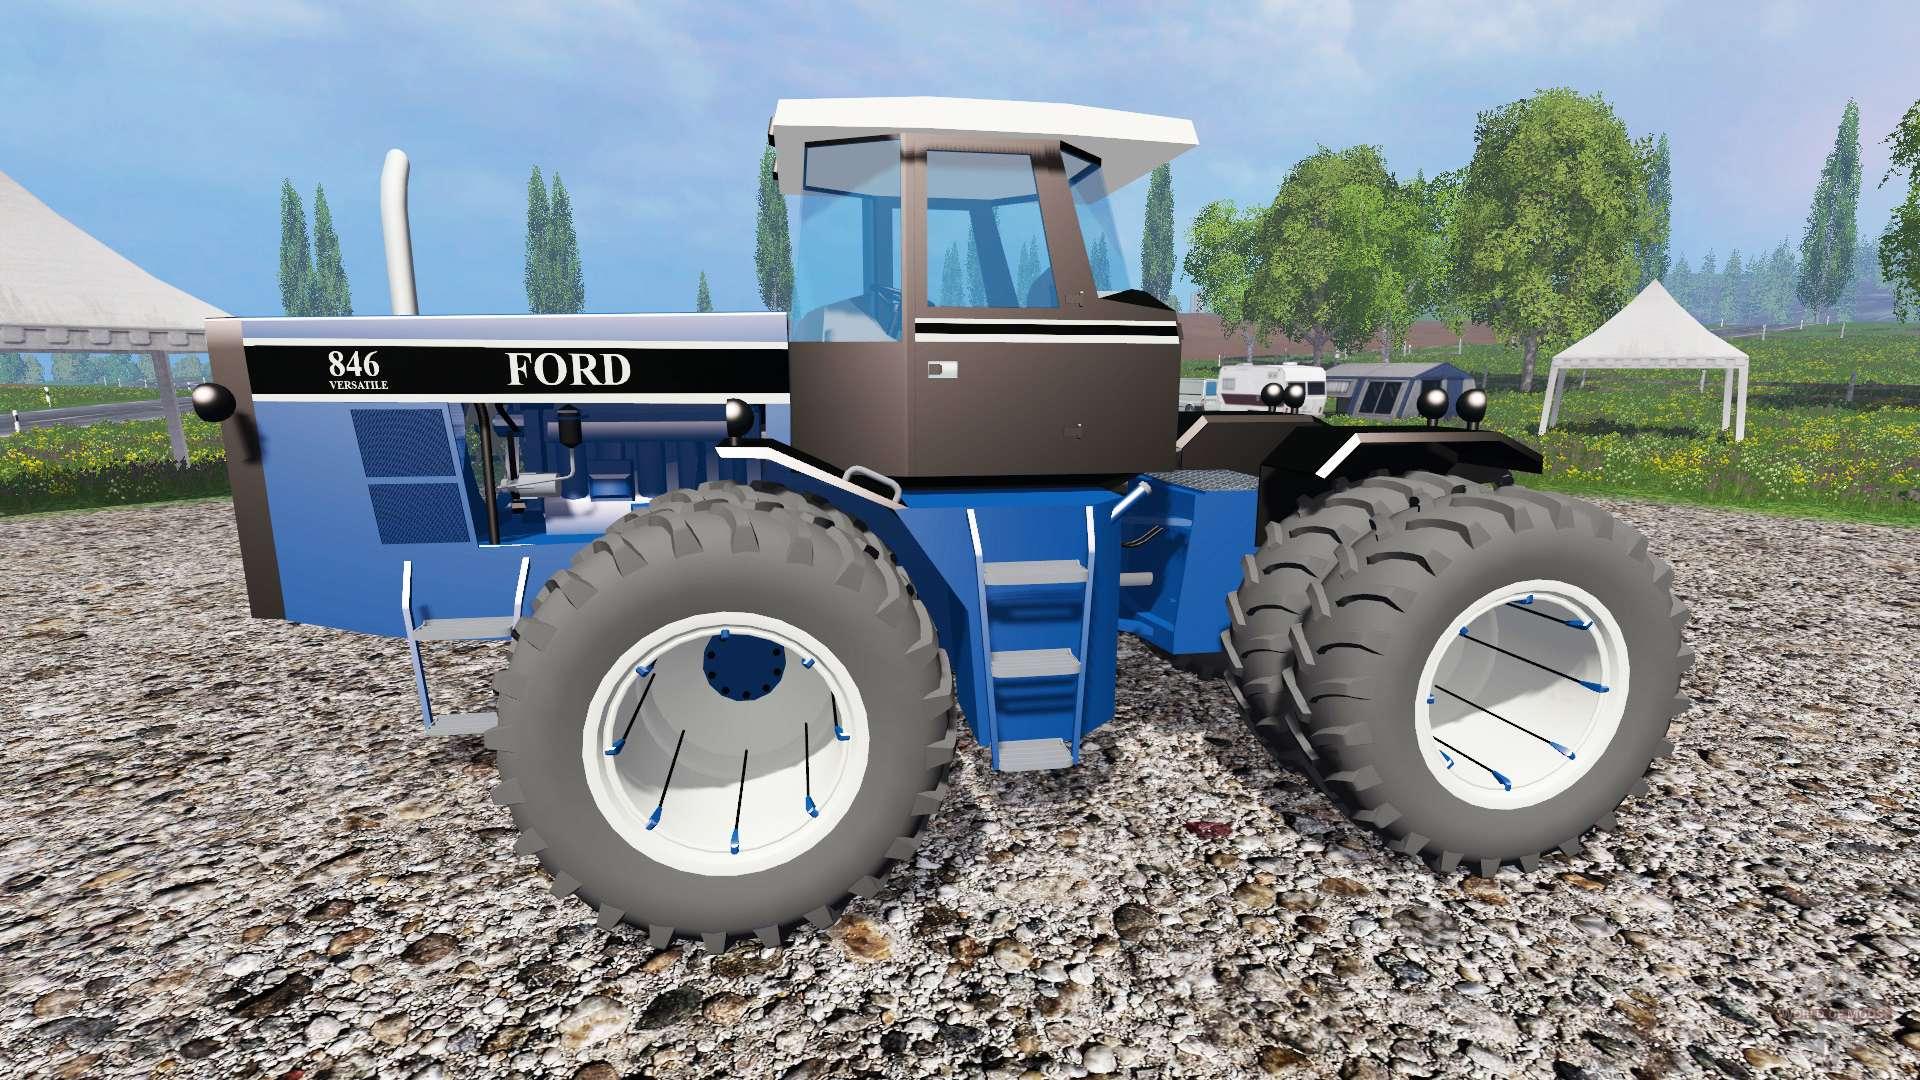 Купить трактор Ford, год 1979, -, в Норвегии. Трактор Форд ...